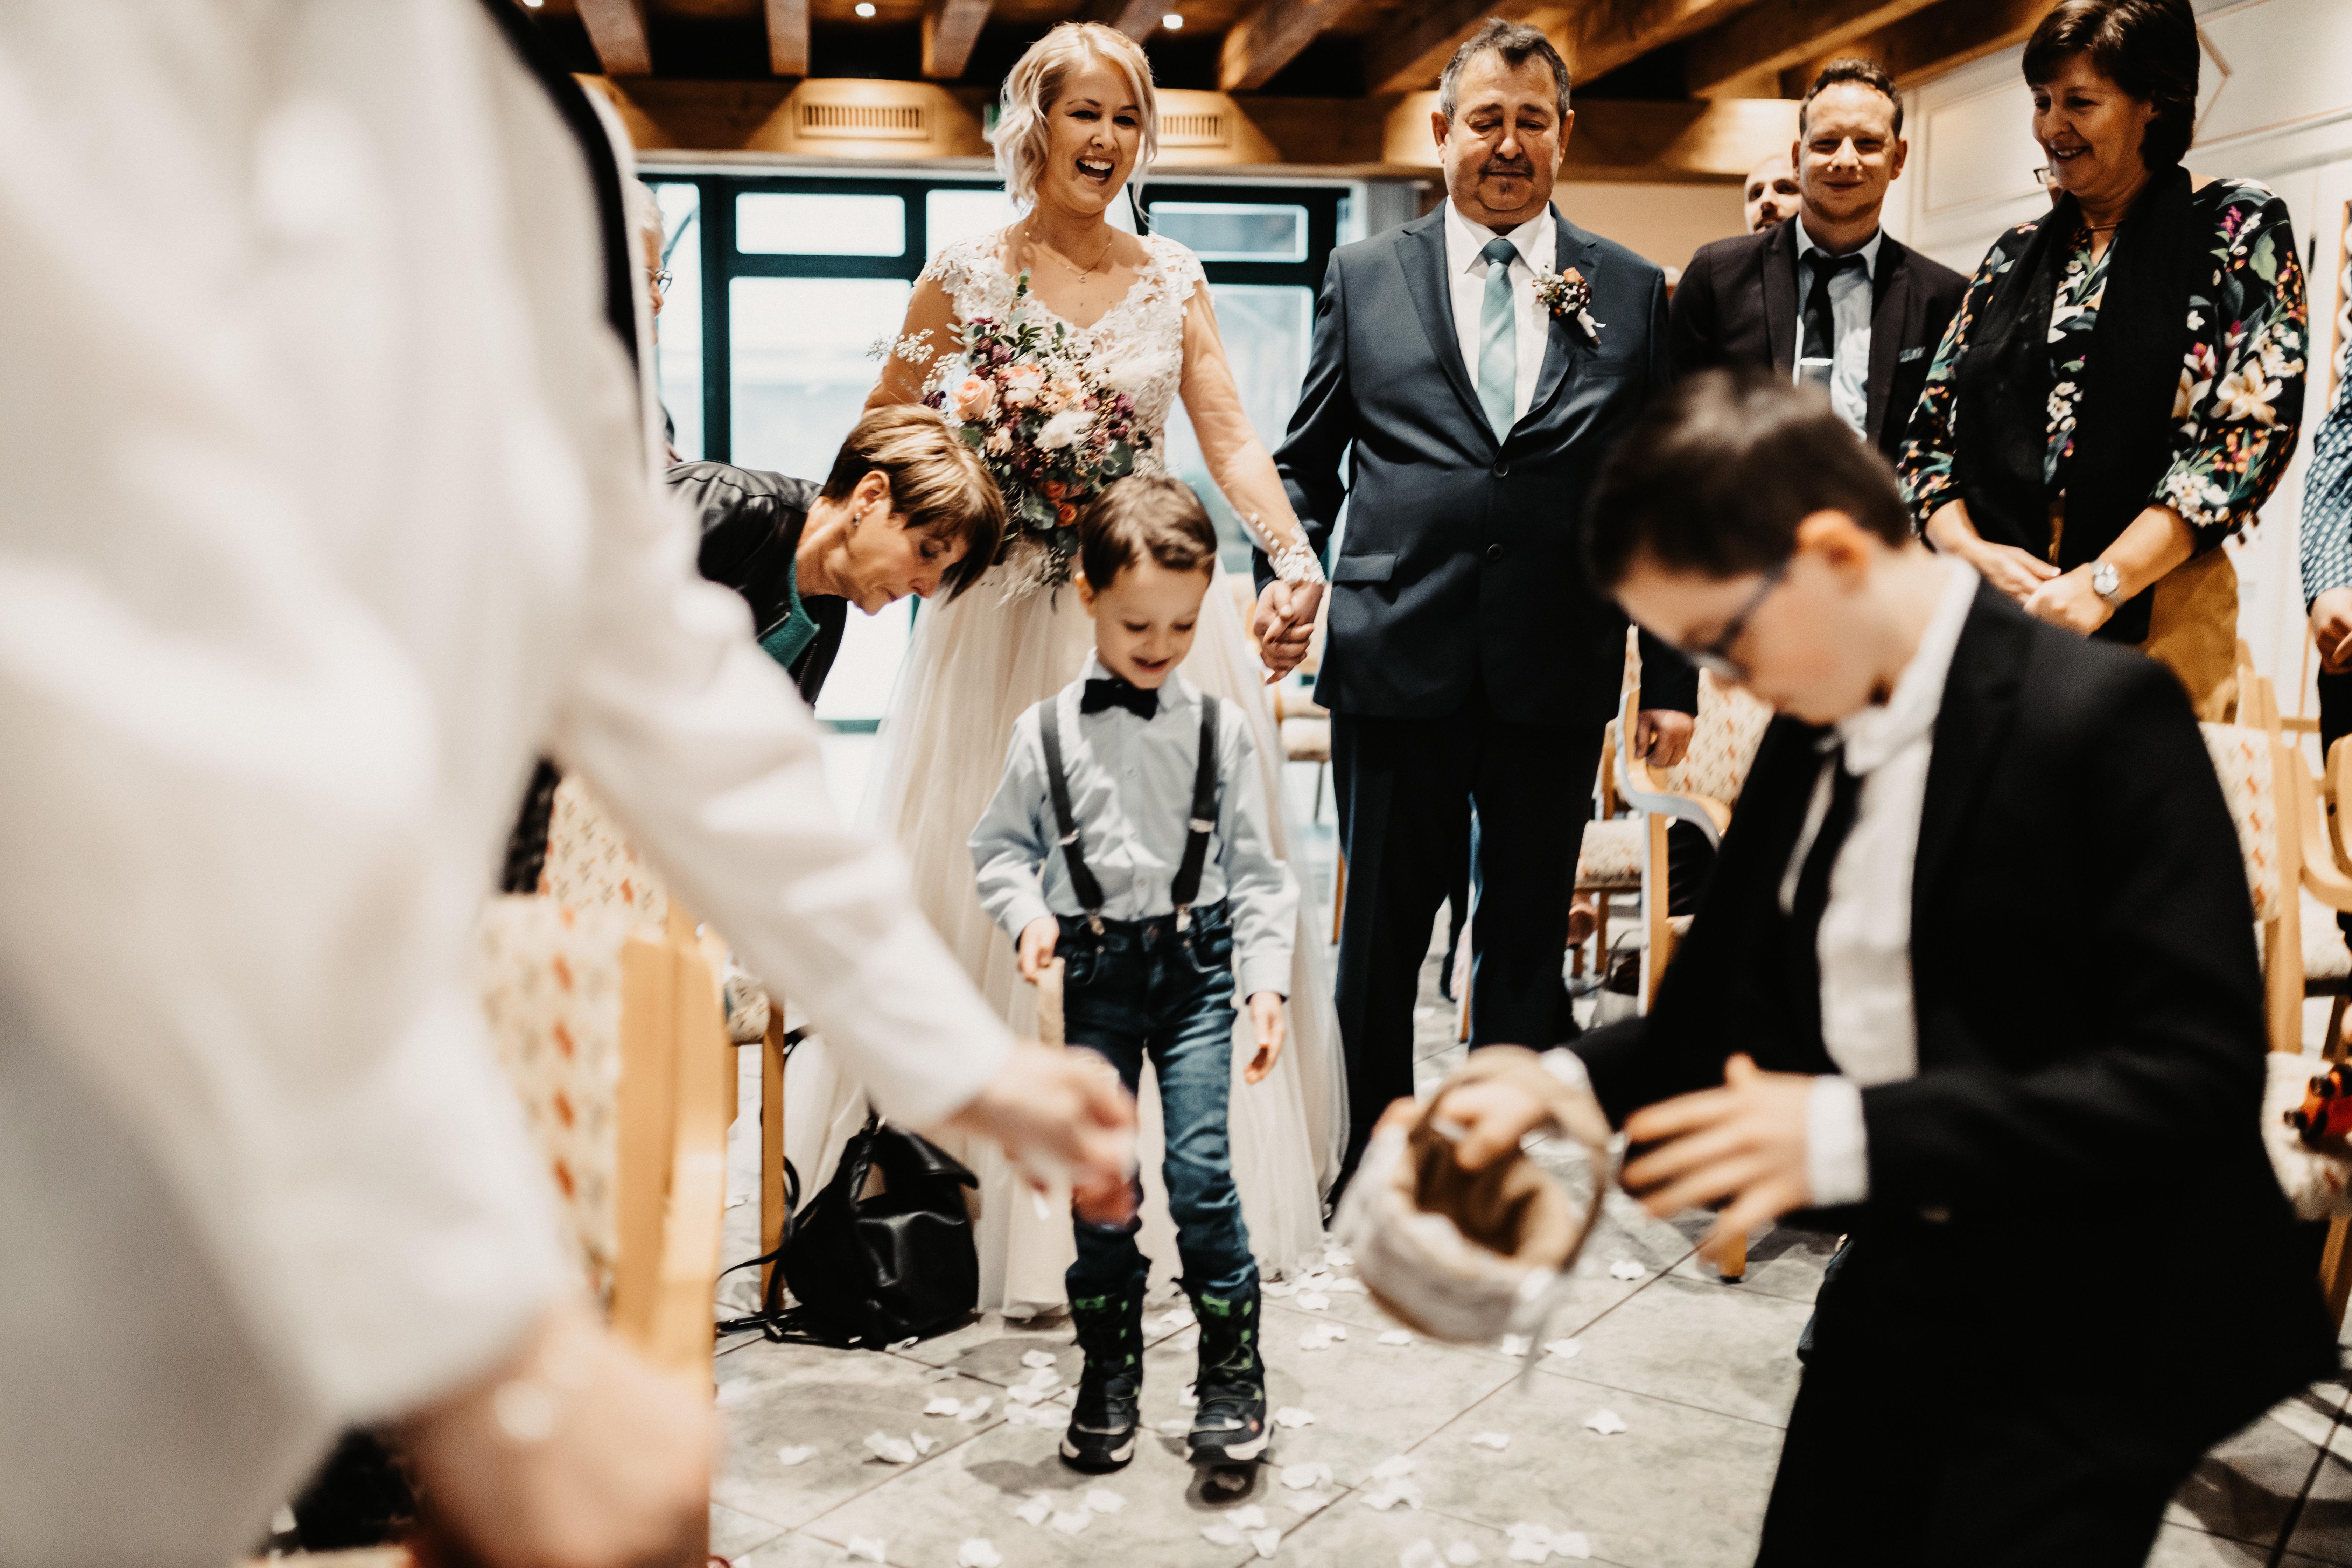 Hochzeitsfotograf Saarland - Fotograf Kai Kreutzer 8419001114 - Saarbrücken, Saarlouis, Luxemburg